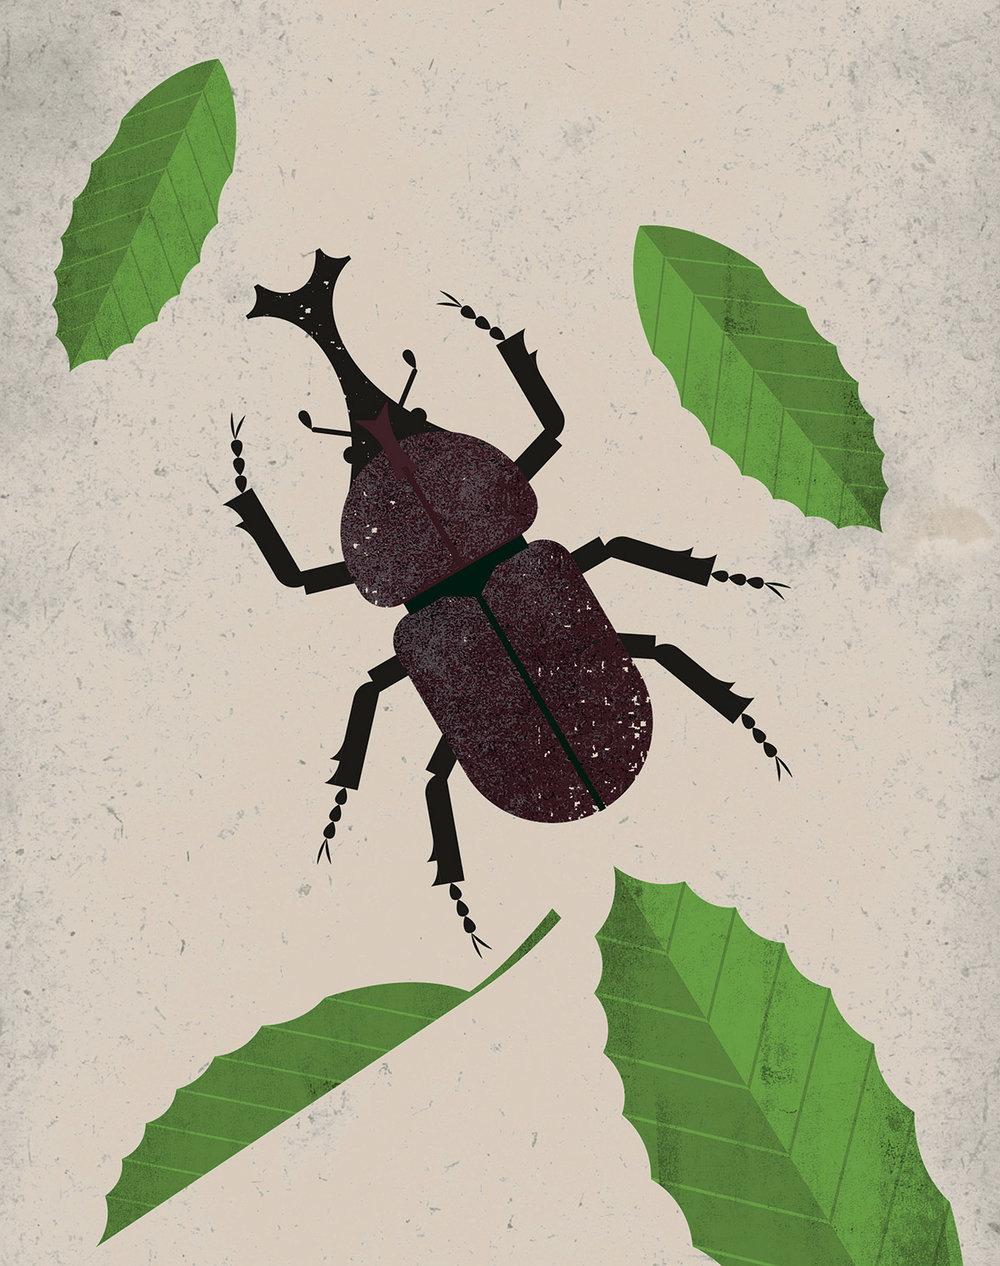 Beetle_01-01_RGB_72.jpg